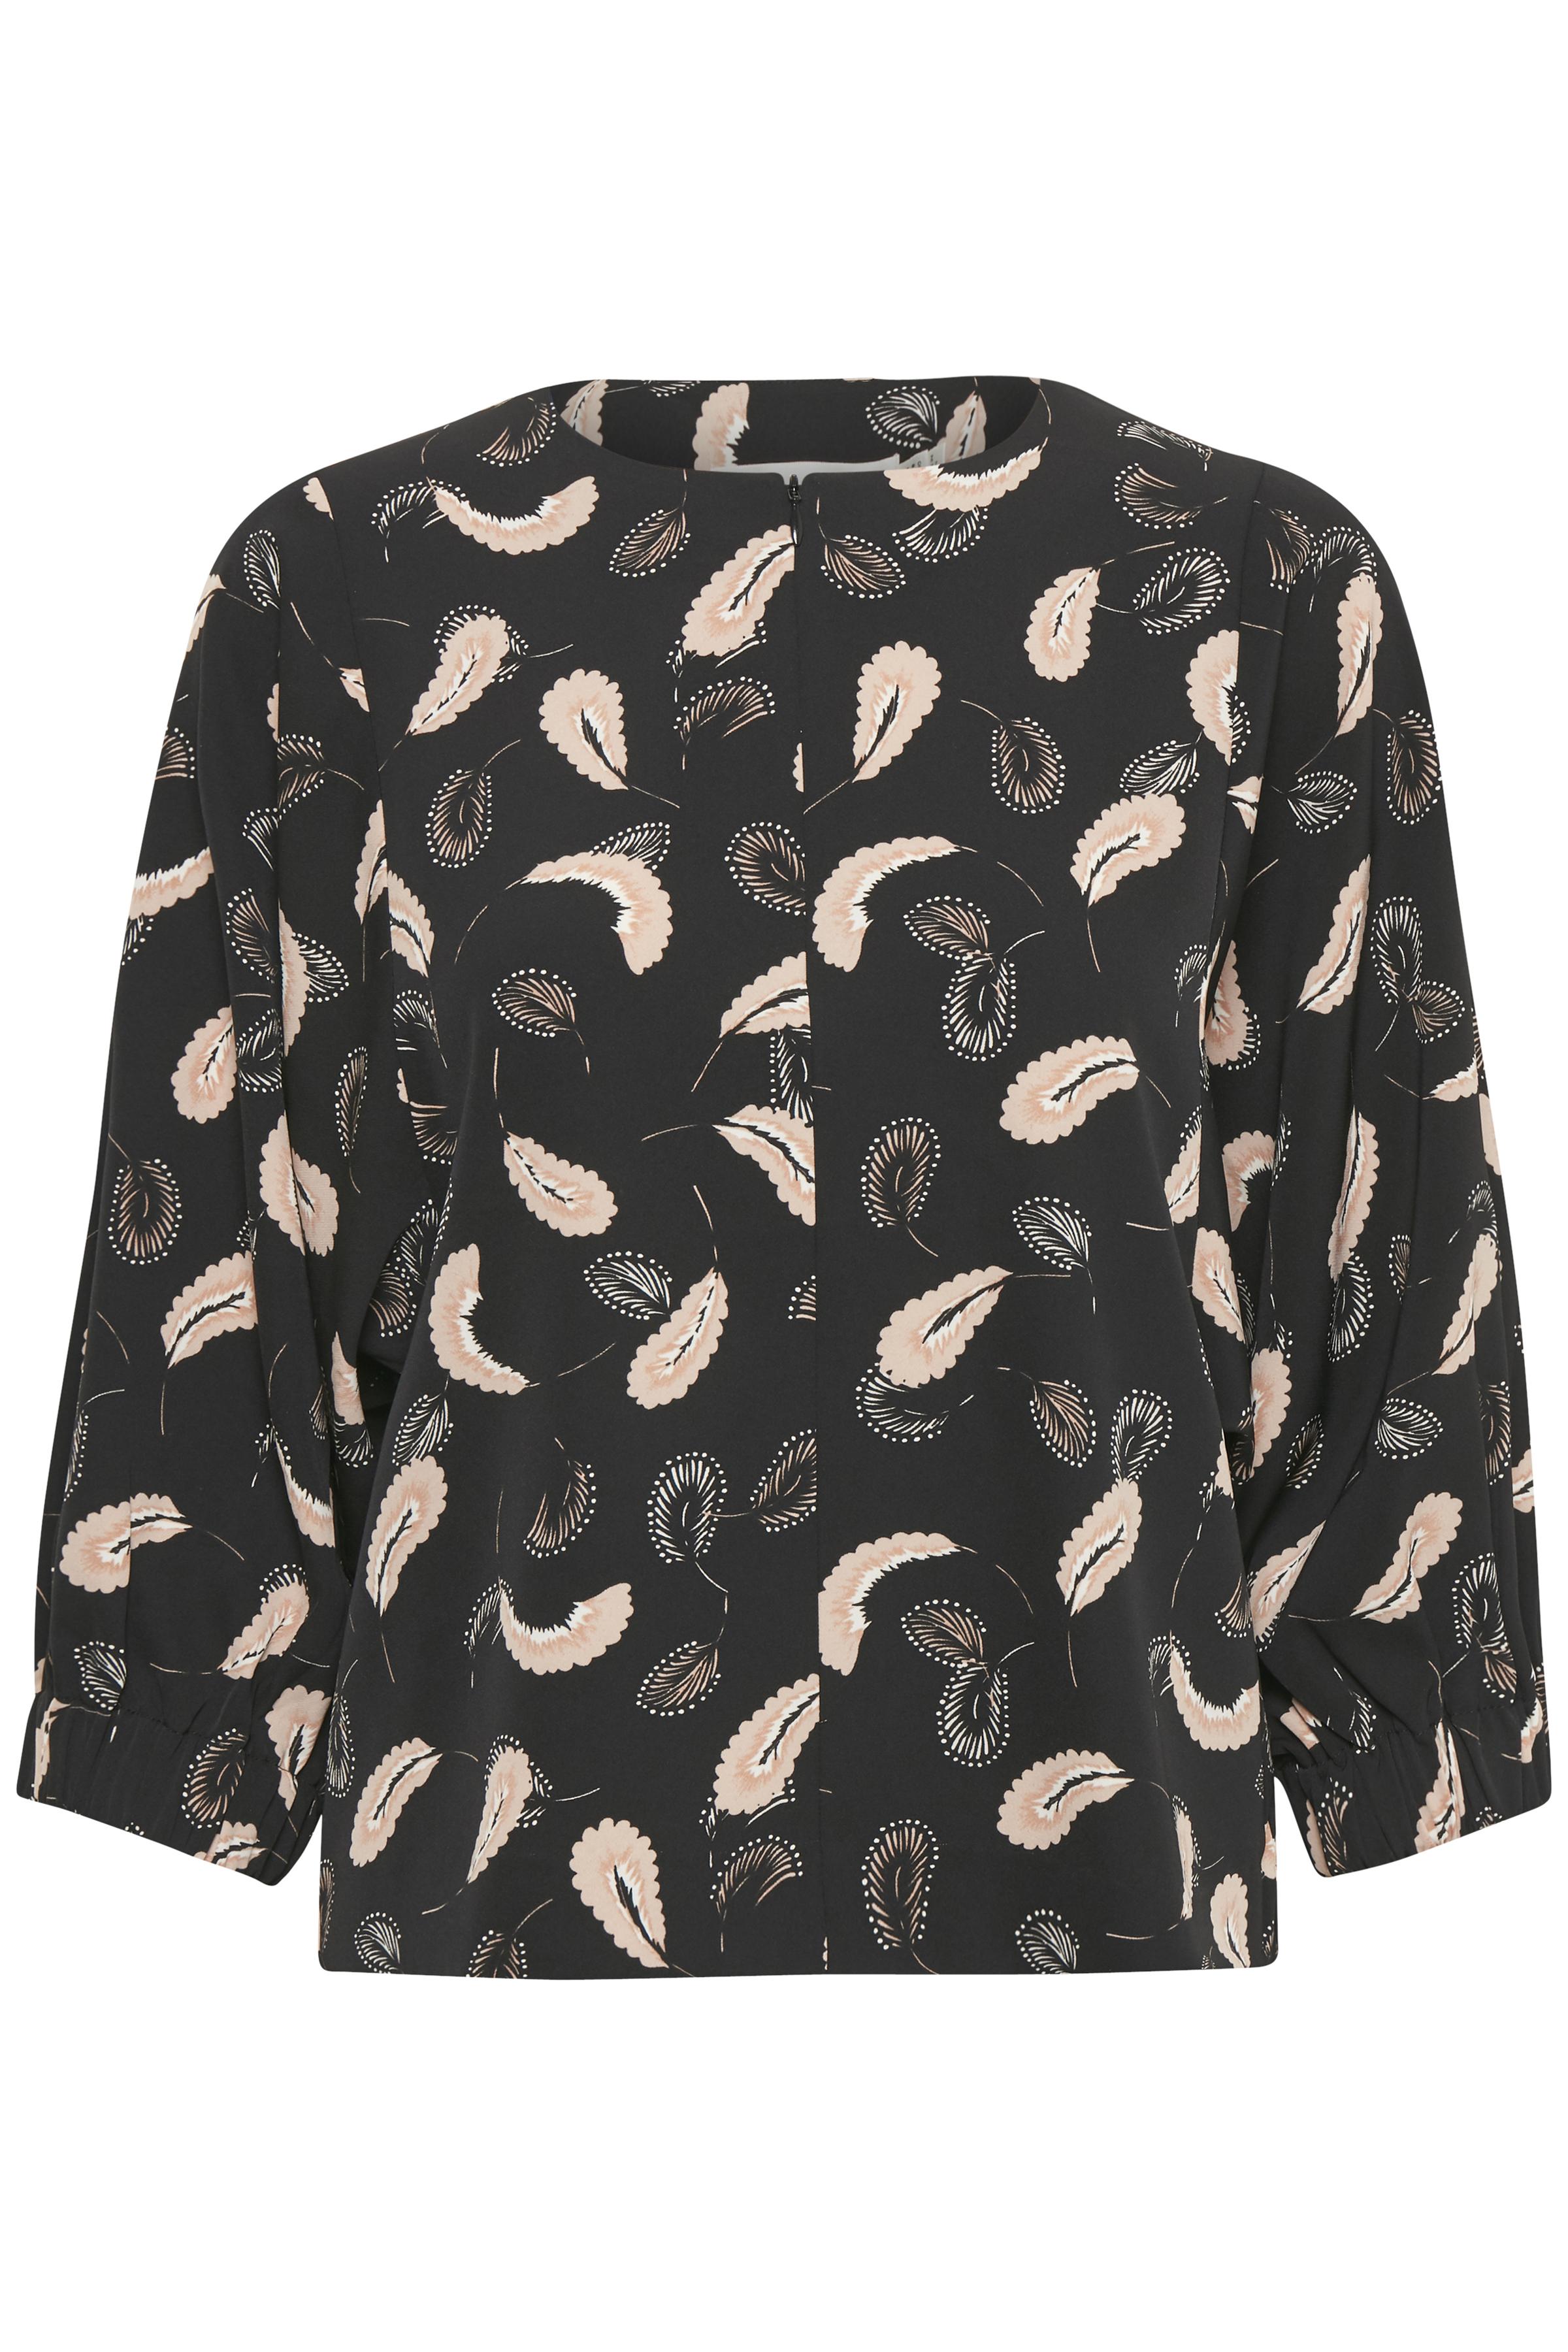 Black Abstract Paisley Langærmet skjorte – Køb Black Abstract Paisley Langærmet skjorte fra str. 34-44 her